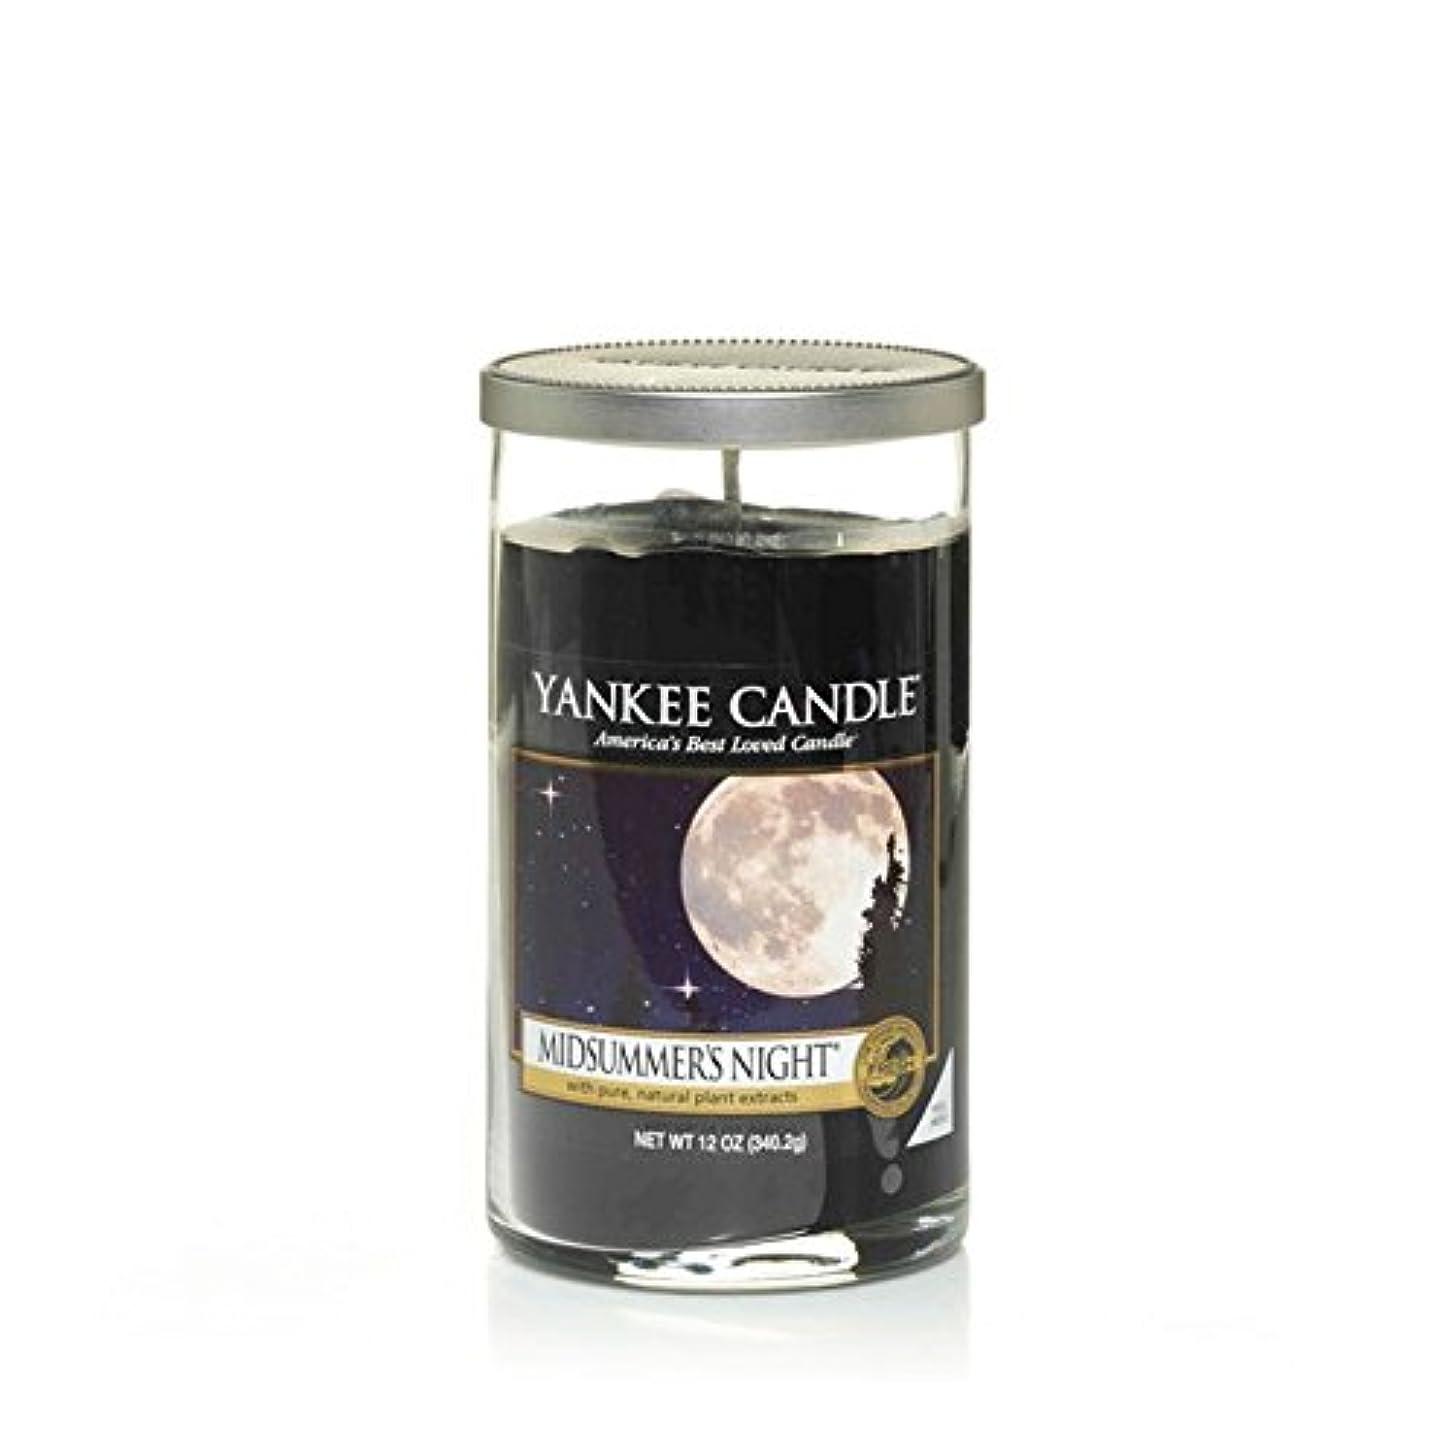 無視に対応特異性Yankee Candles Medium Pillar Candle - Midsummers Night (Pack of 2) - ヤンキーキャンドルメディアピラーキャンドル - Midsummersの夜 (x2)...